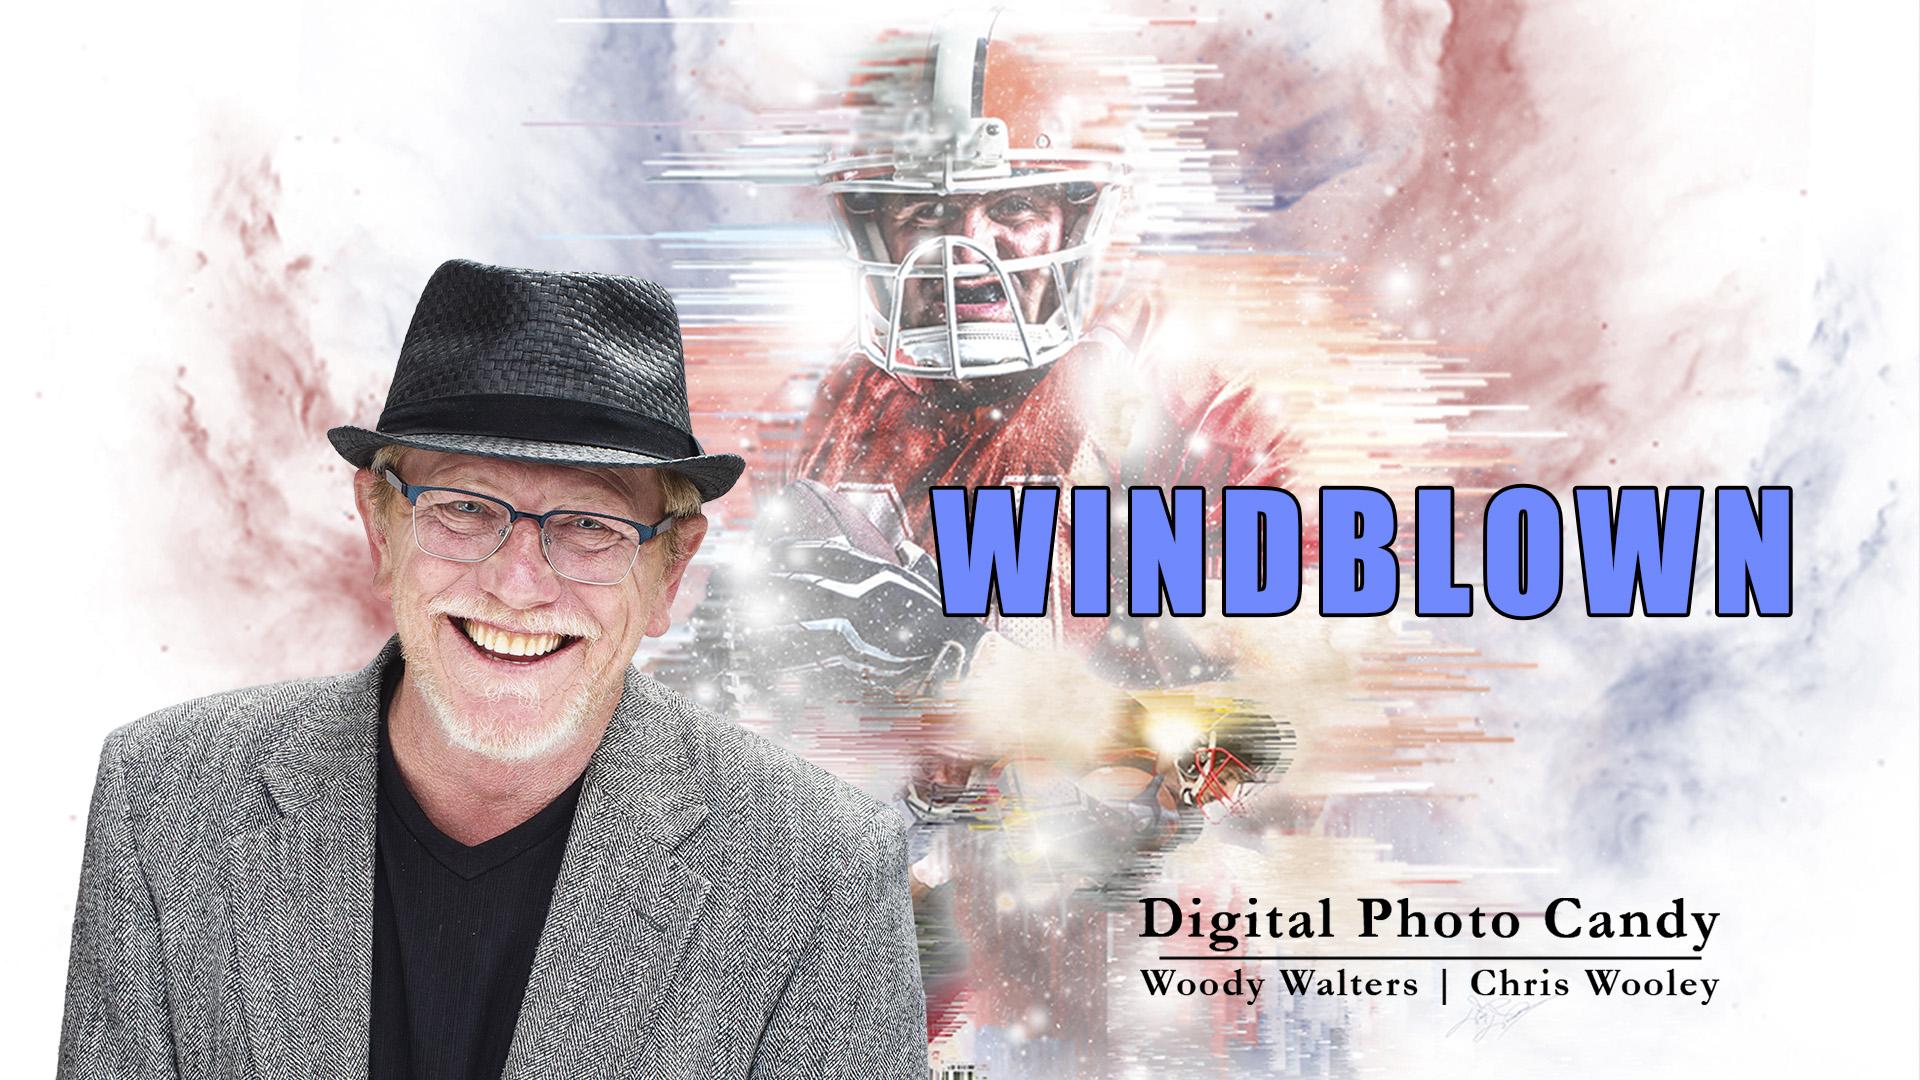 Woody Walters' Video